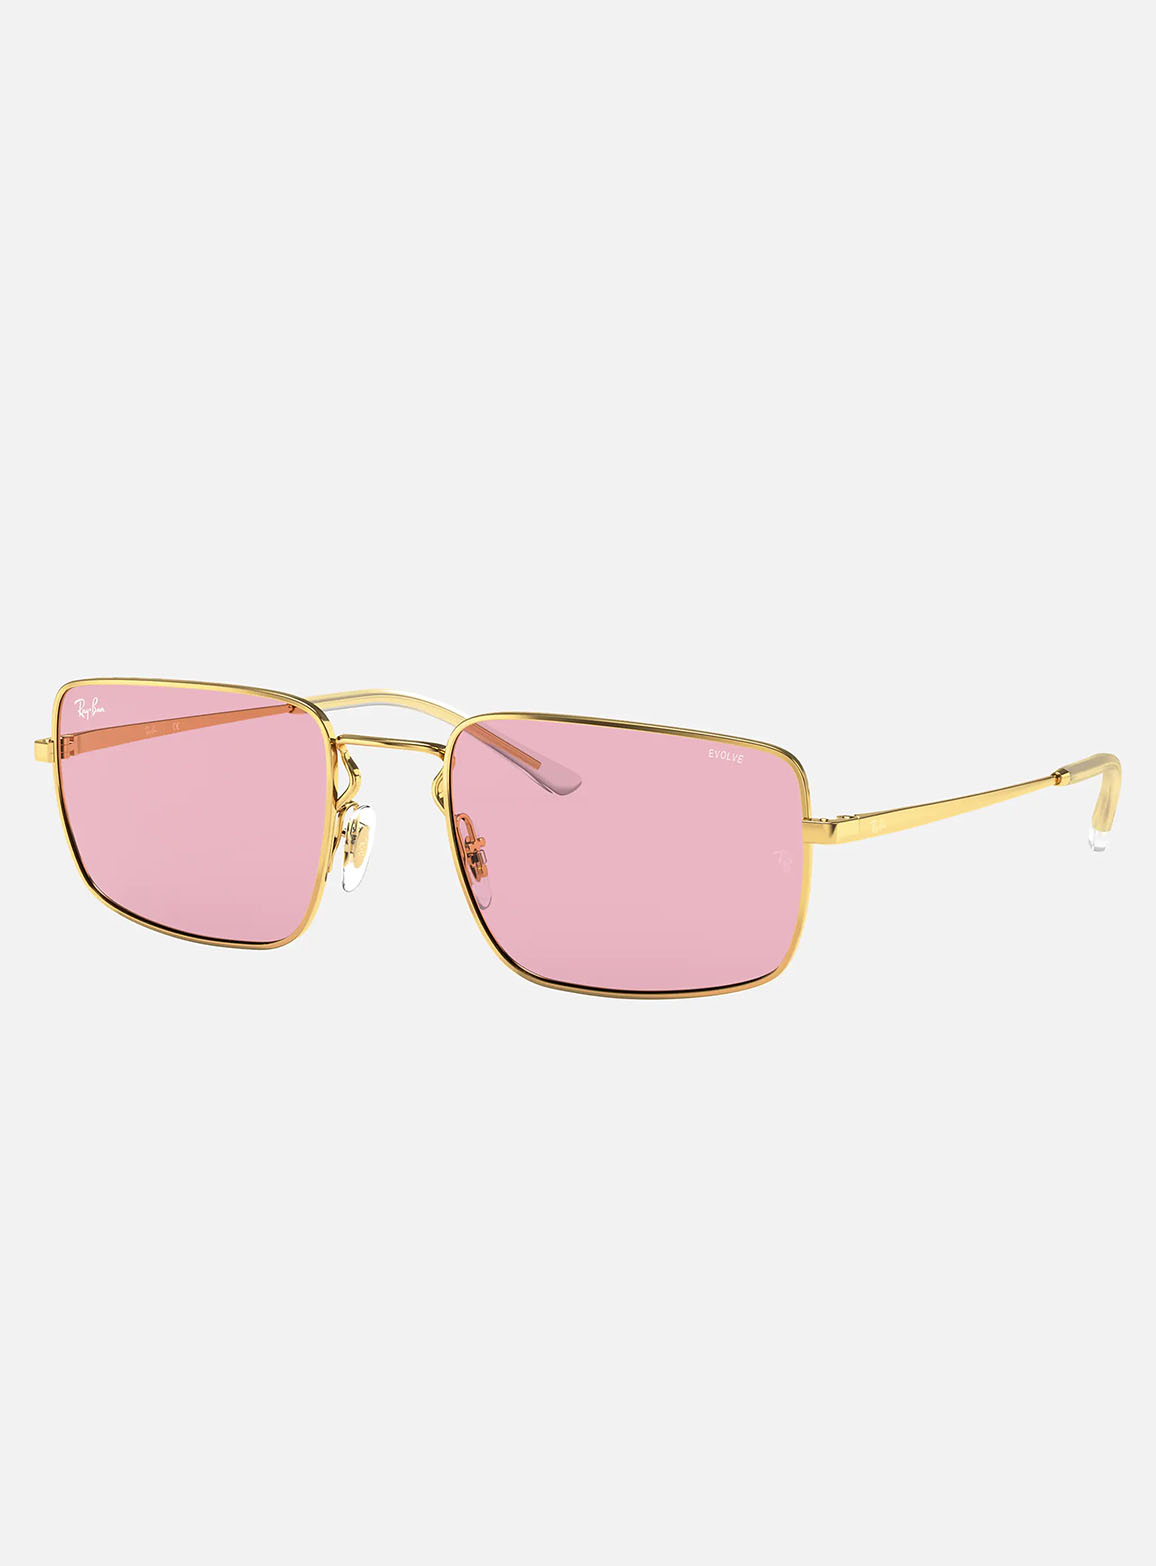 Sunglasses RB3669